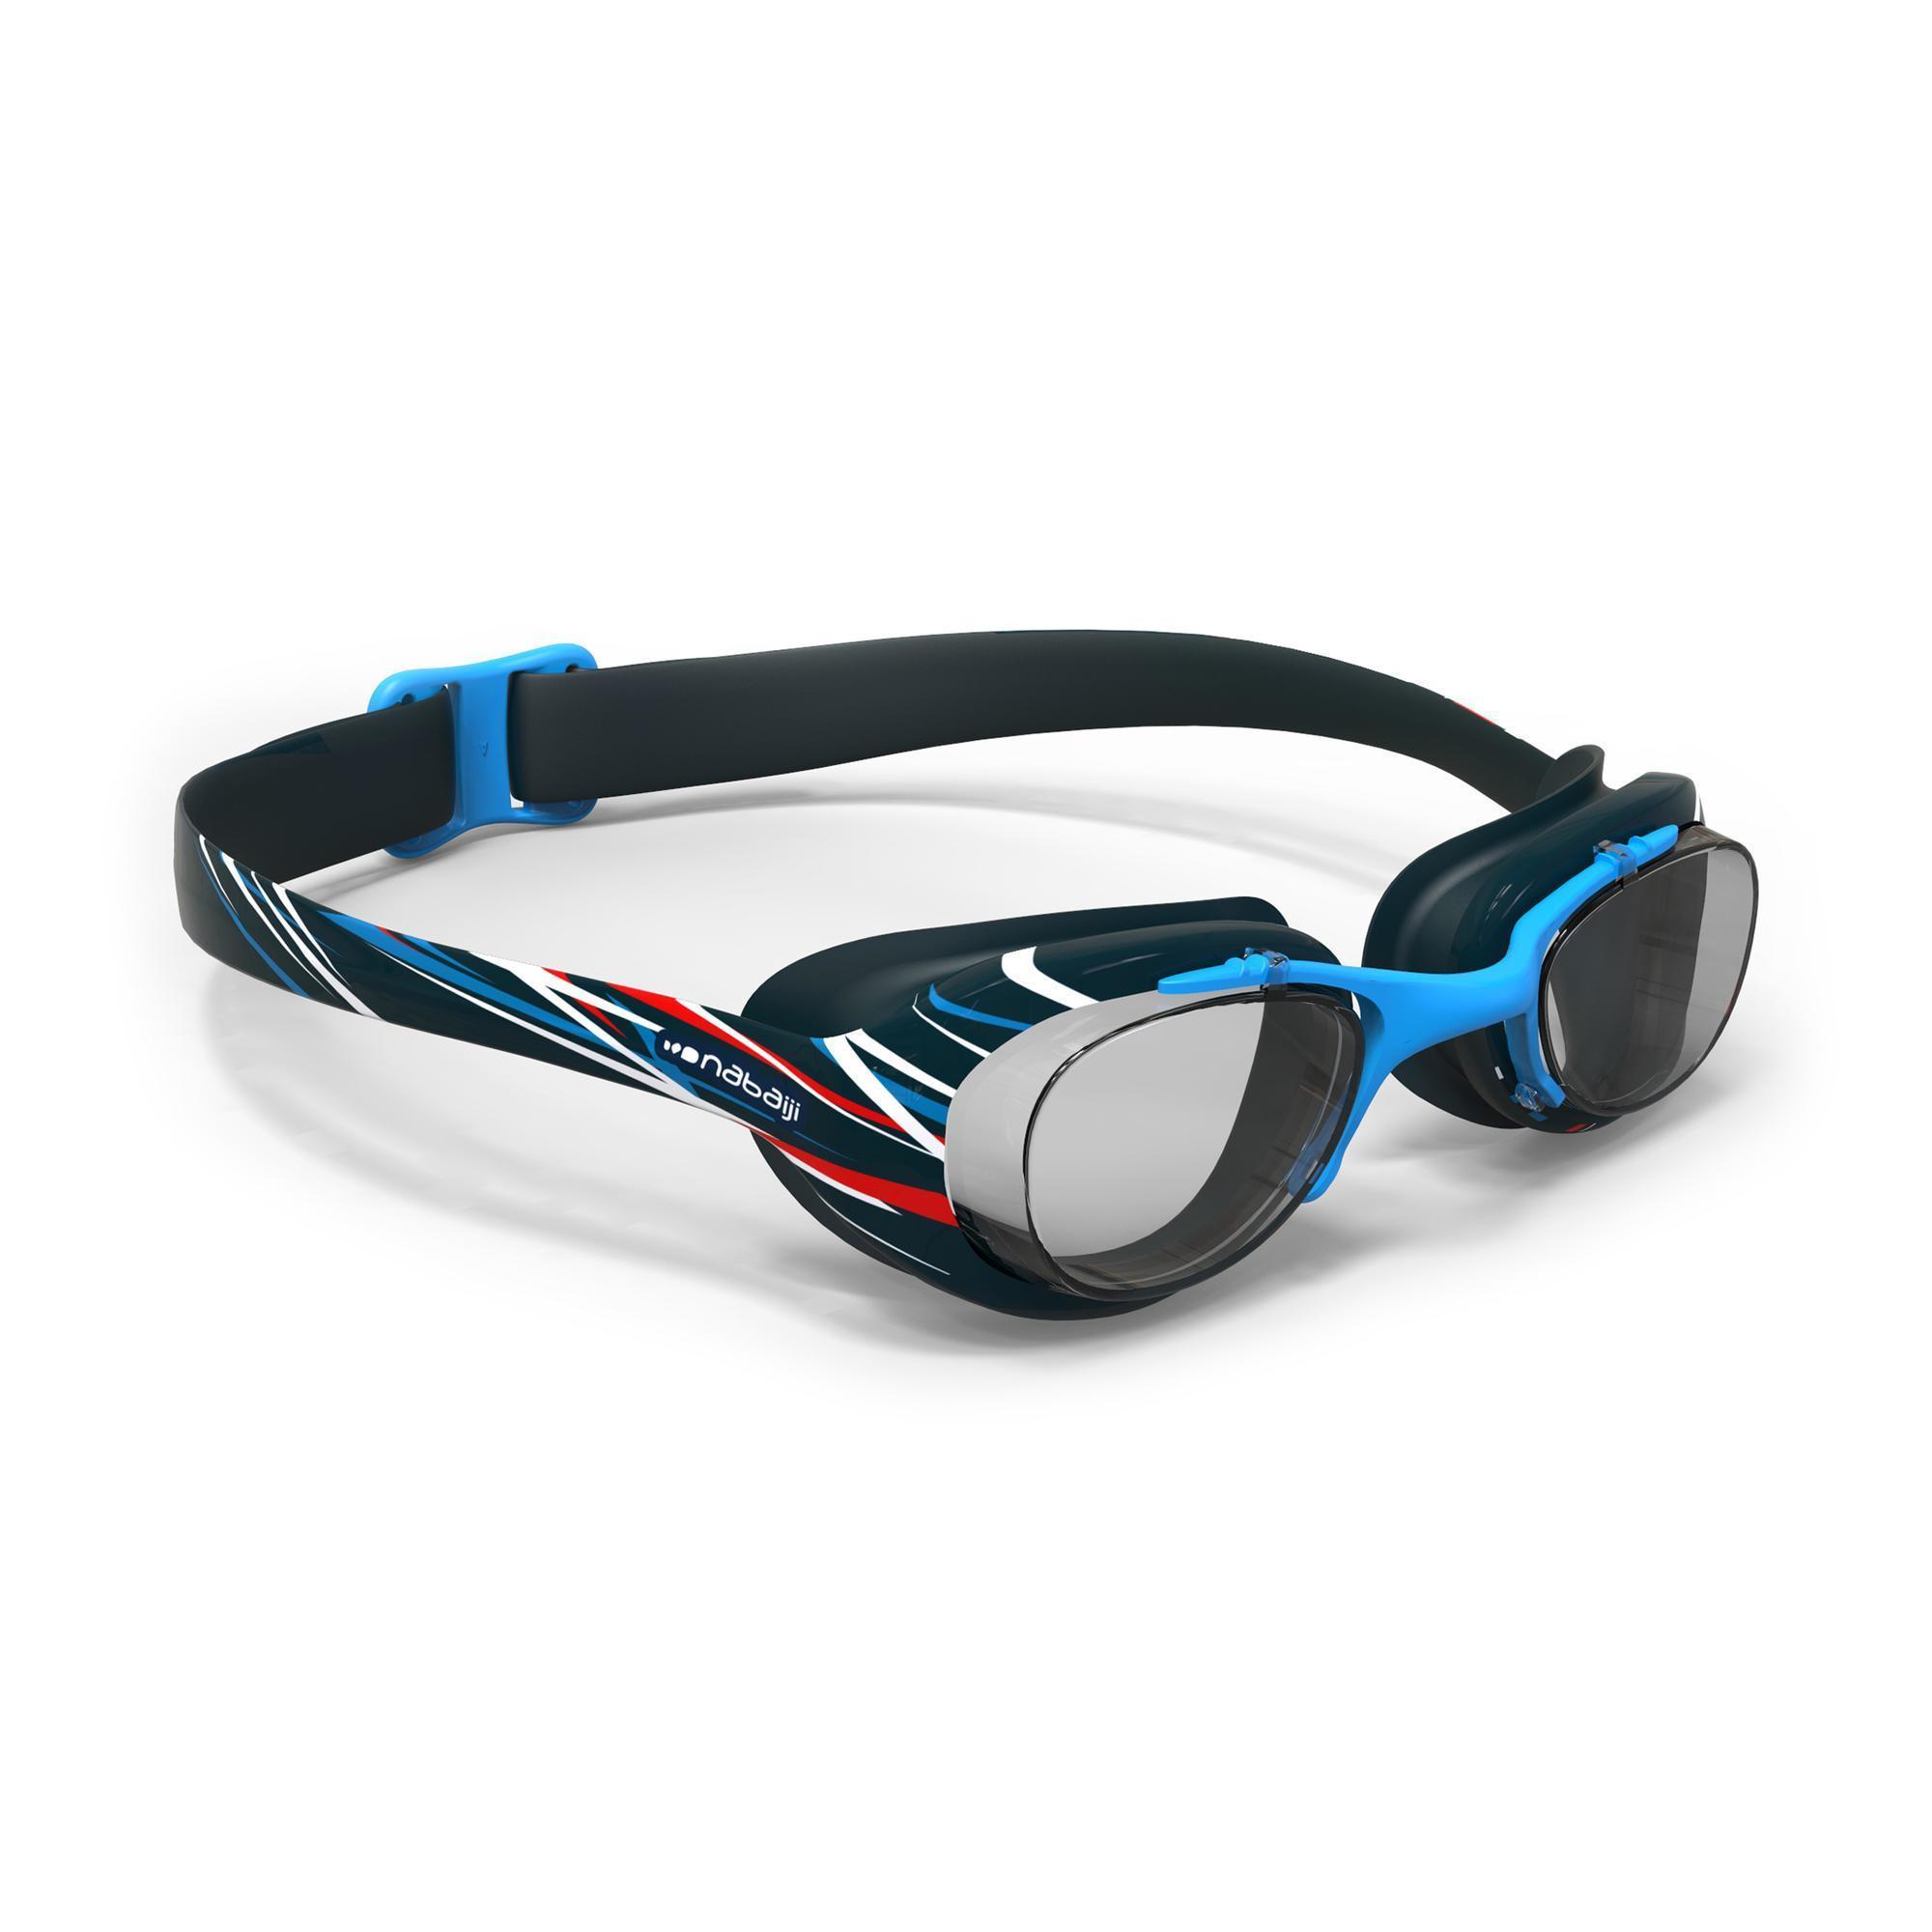 Nabaiji Zwembril 100 X-Base print L Mika kopen? Sport>Sportbrillen>Brillen voor zwemmen met voordeel vind je hier